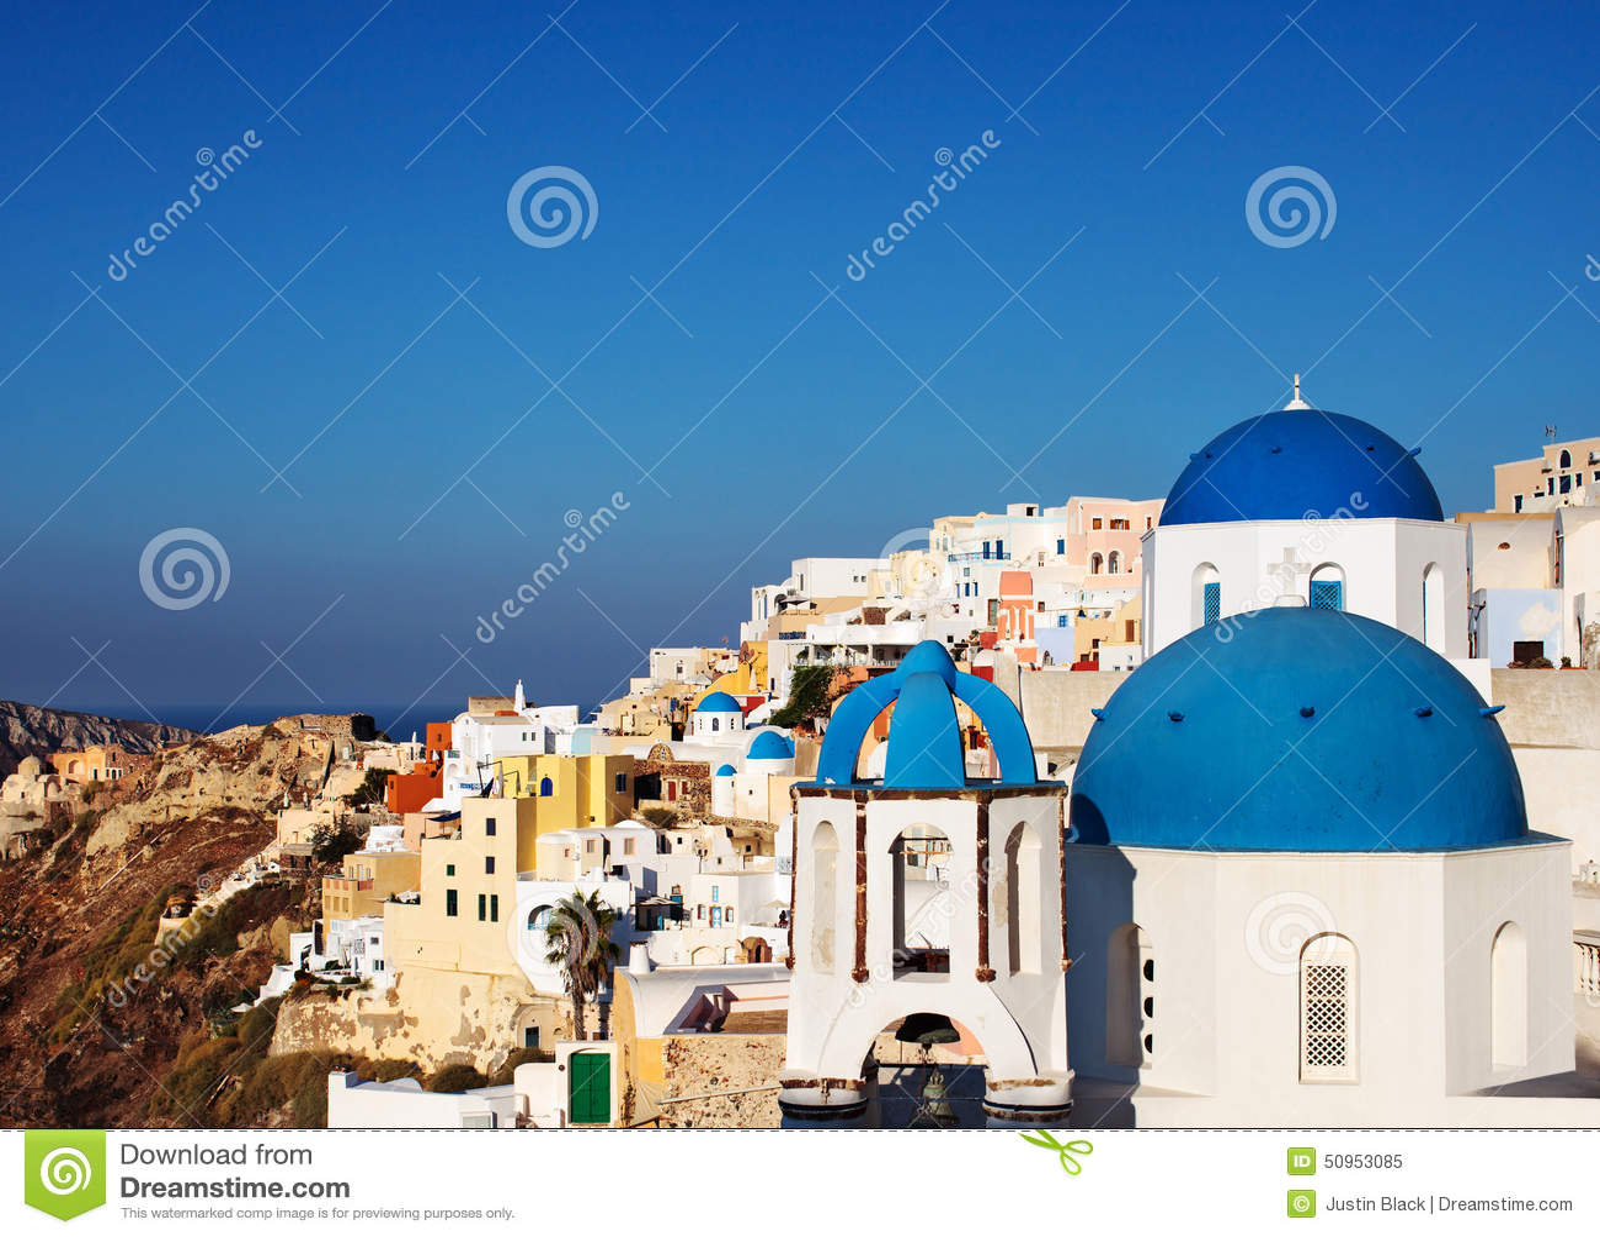 Blaue Haubenkirchen Santorini in Oia-Dorf, Griechenland